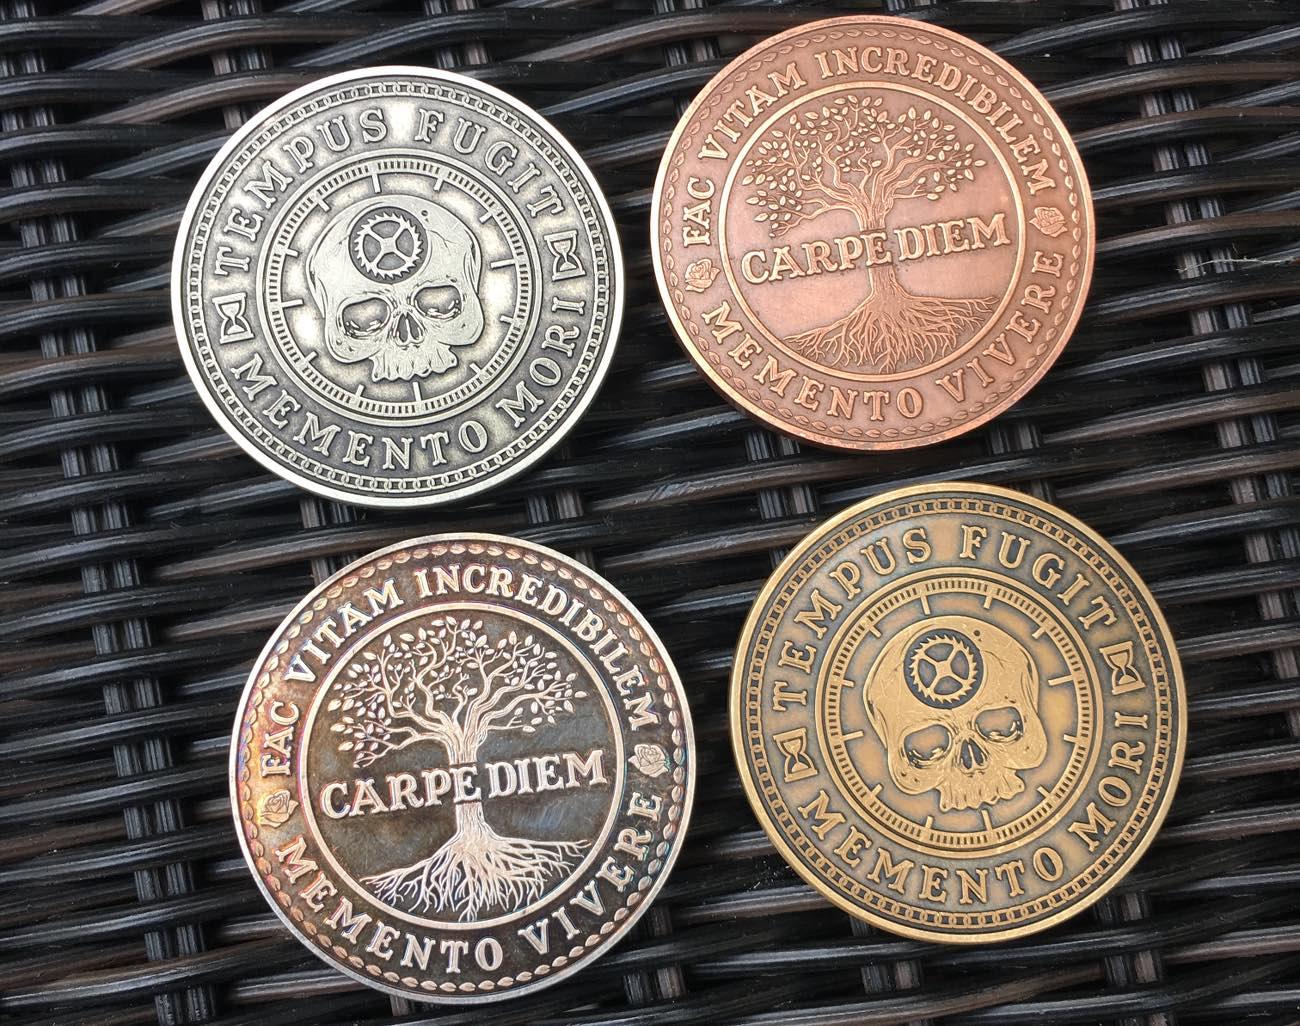 Carpe Diem EDC Pieces